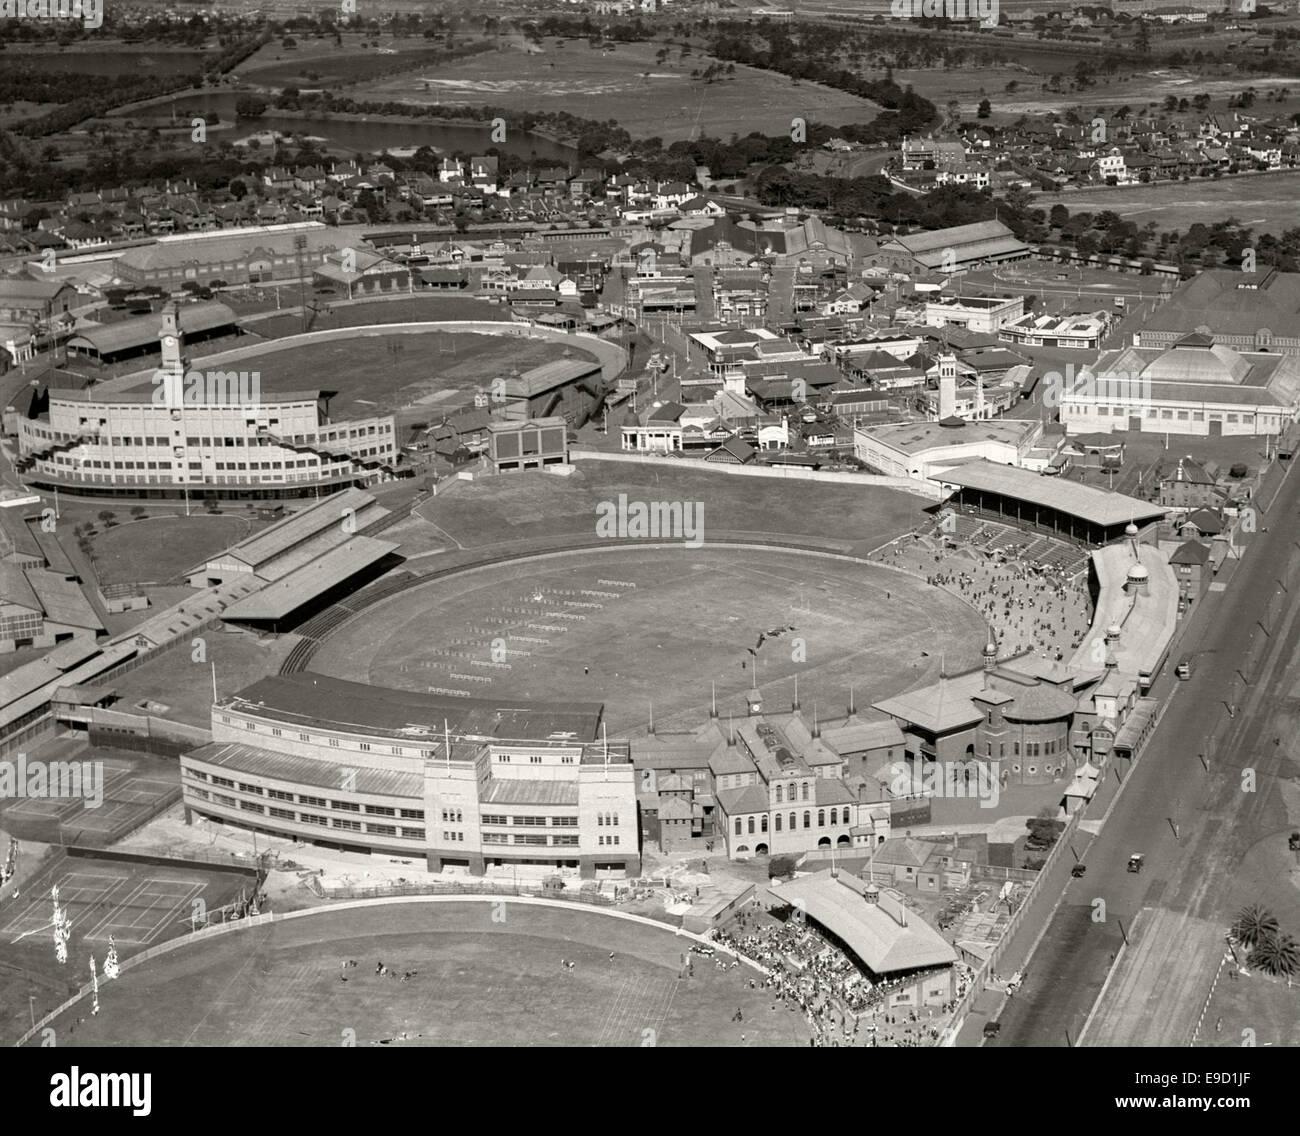 Sydney Showground and Cricket Ground 1936 14019783946 o - Stock Image